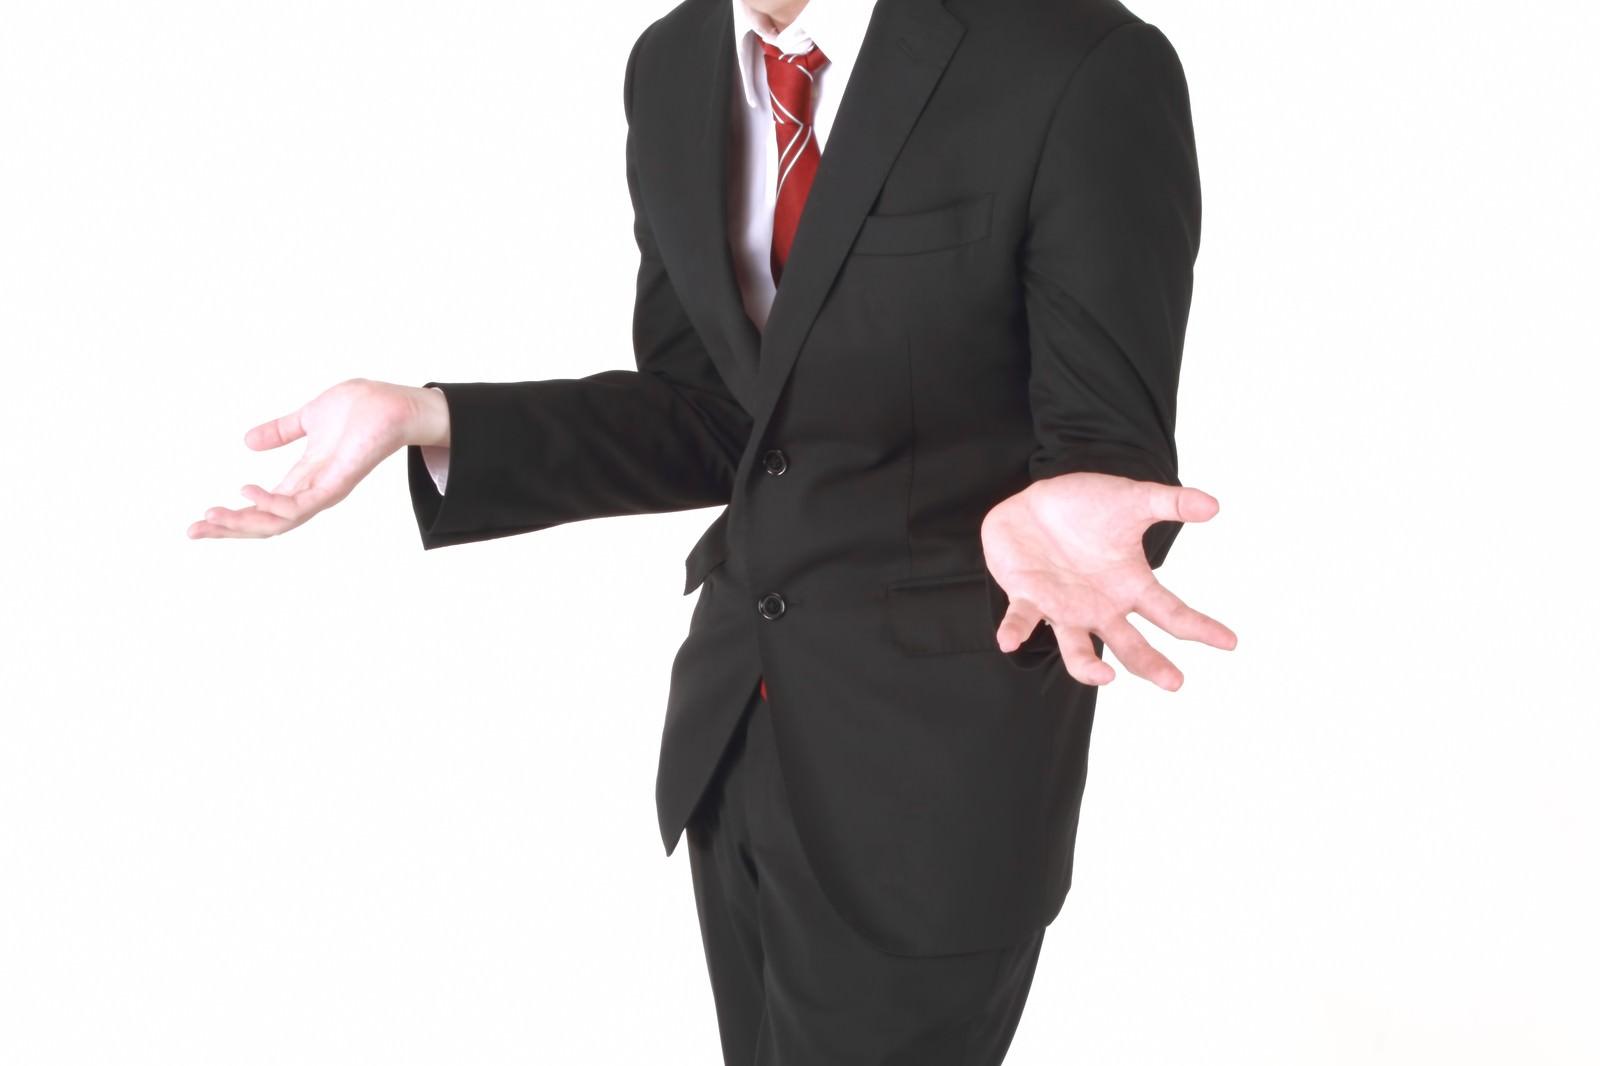 「「why?」のジェスチャーをするビジネスマン」